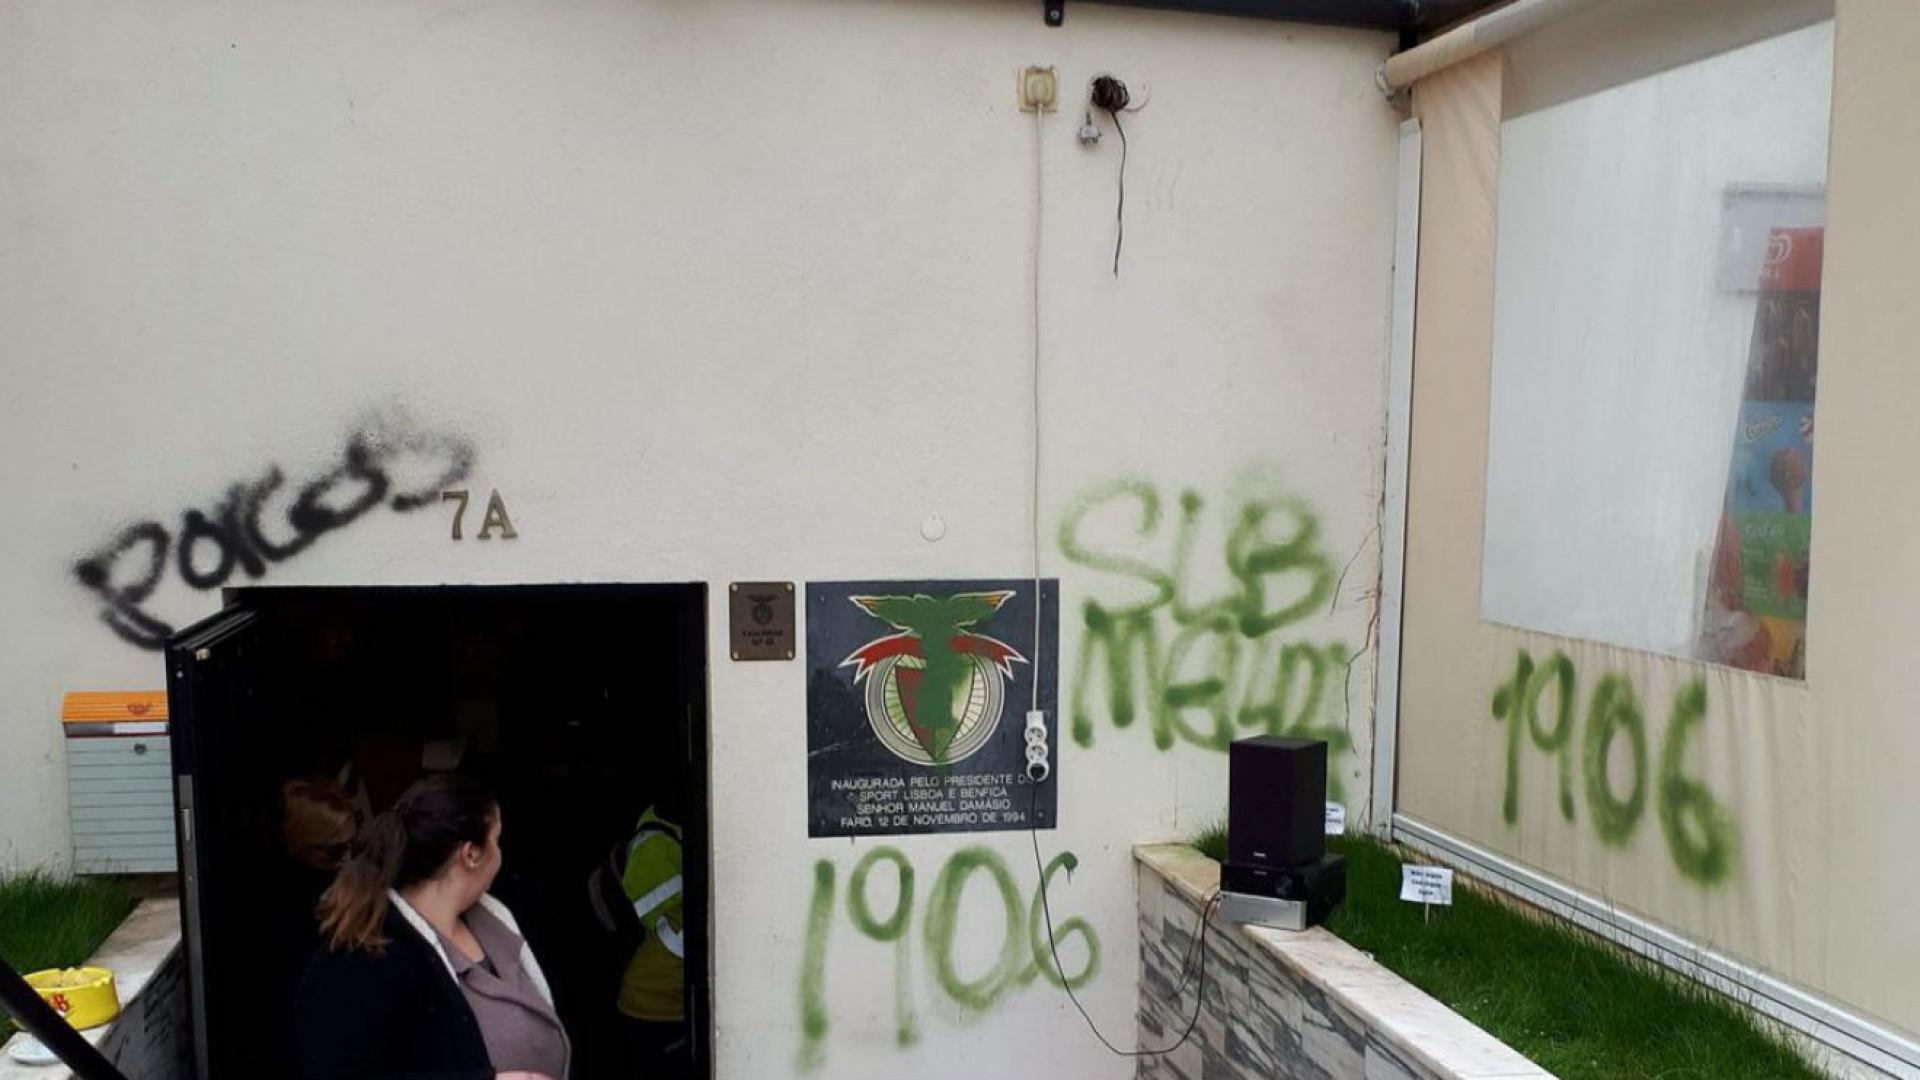 Adeptos do Sporting vandalizam casa do Benfica em Faro